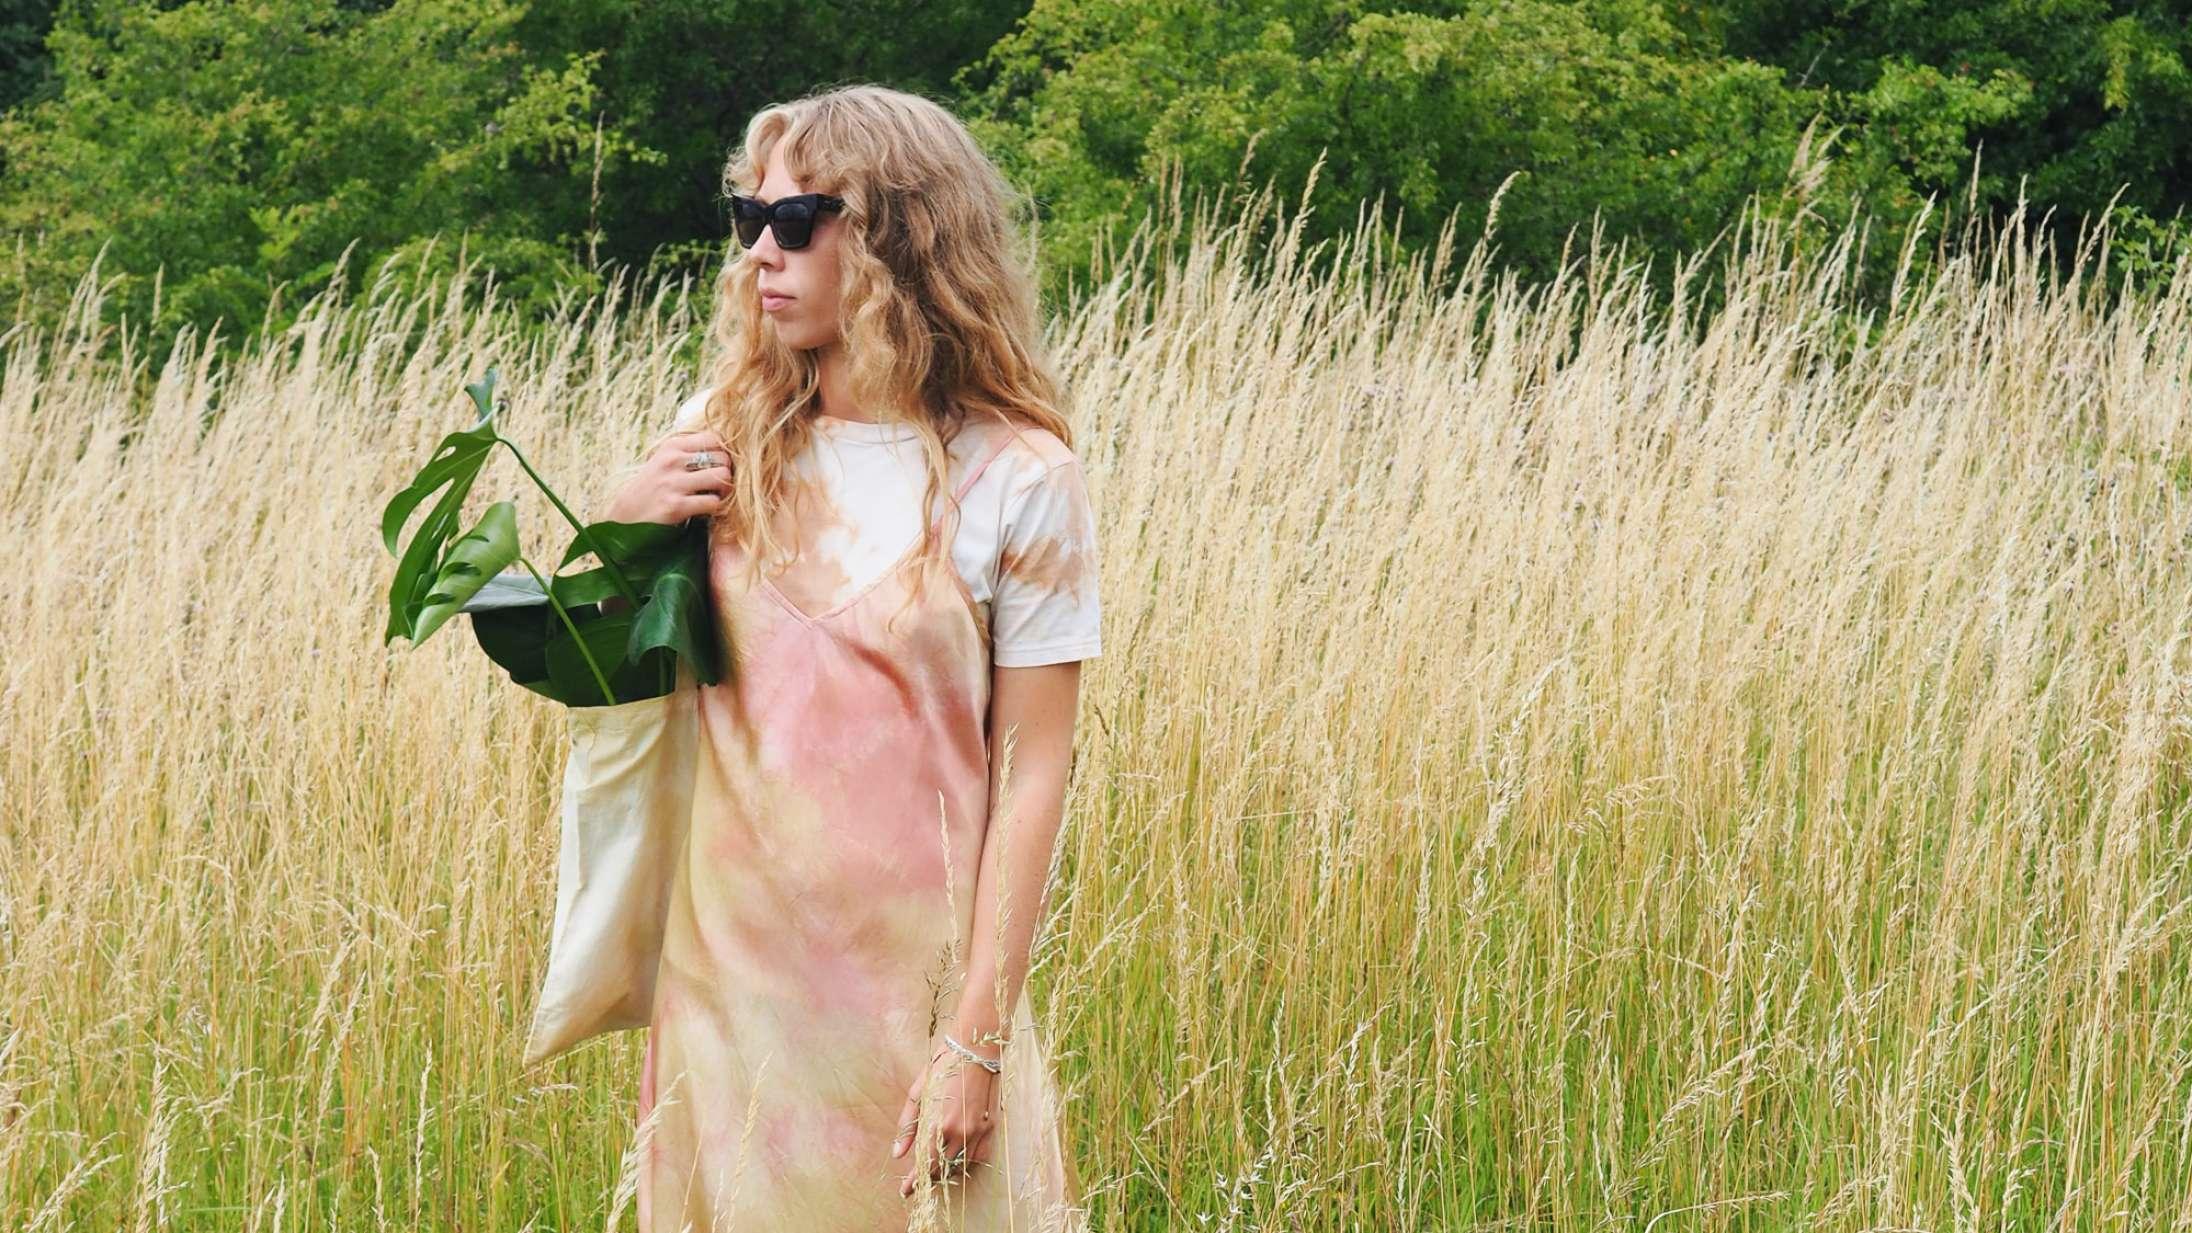 Freja Løwe farver tøj med planter og køkkenaffald: »Det er lidt som at male et billede«